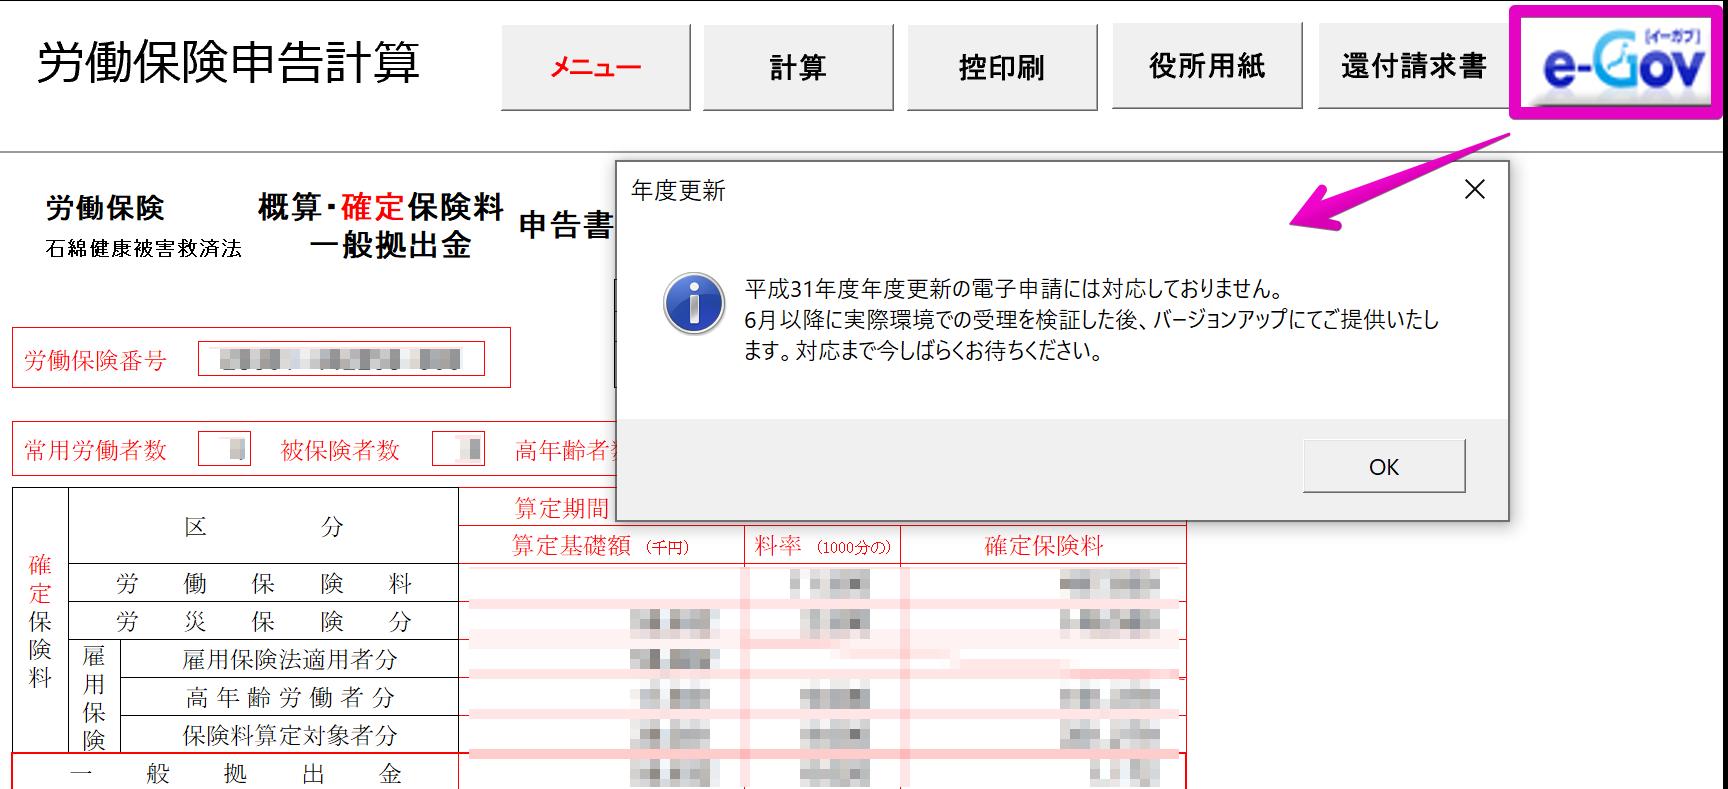 年度更新の処理ファイルを開くと「このファイルから問題が検出されました」